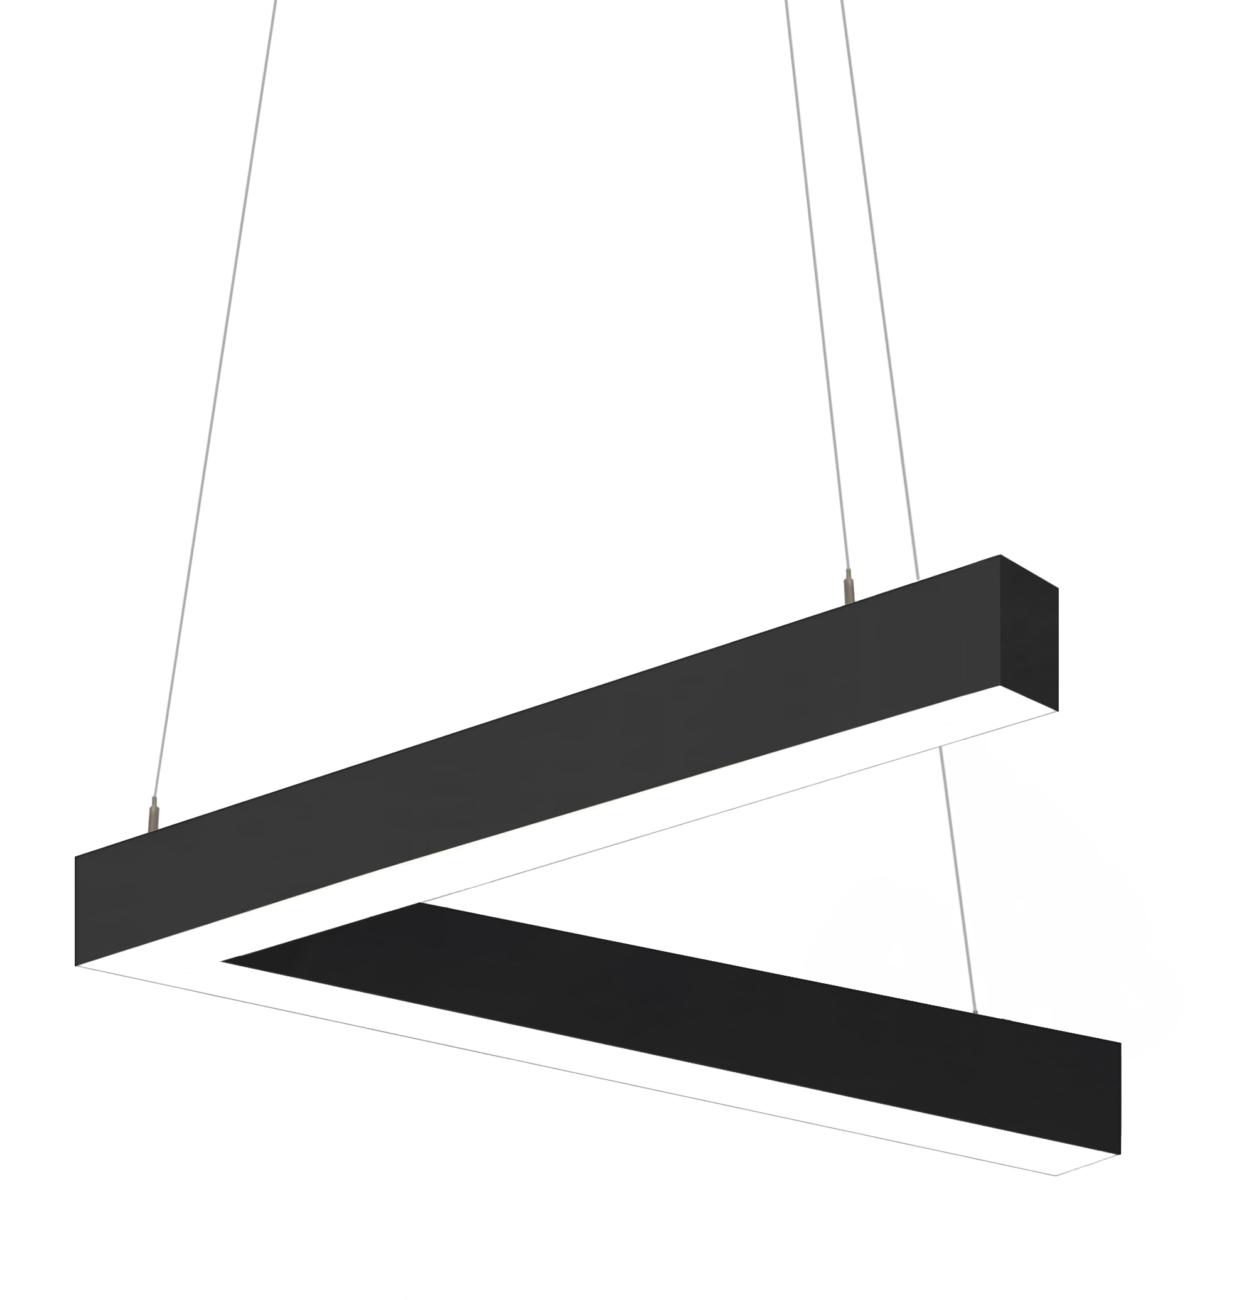 Светильник Style-5070. 1000×1250мм. 4000К/3000К. 38W/81W купить во Владимире